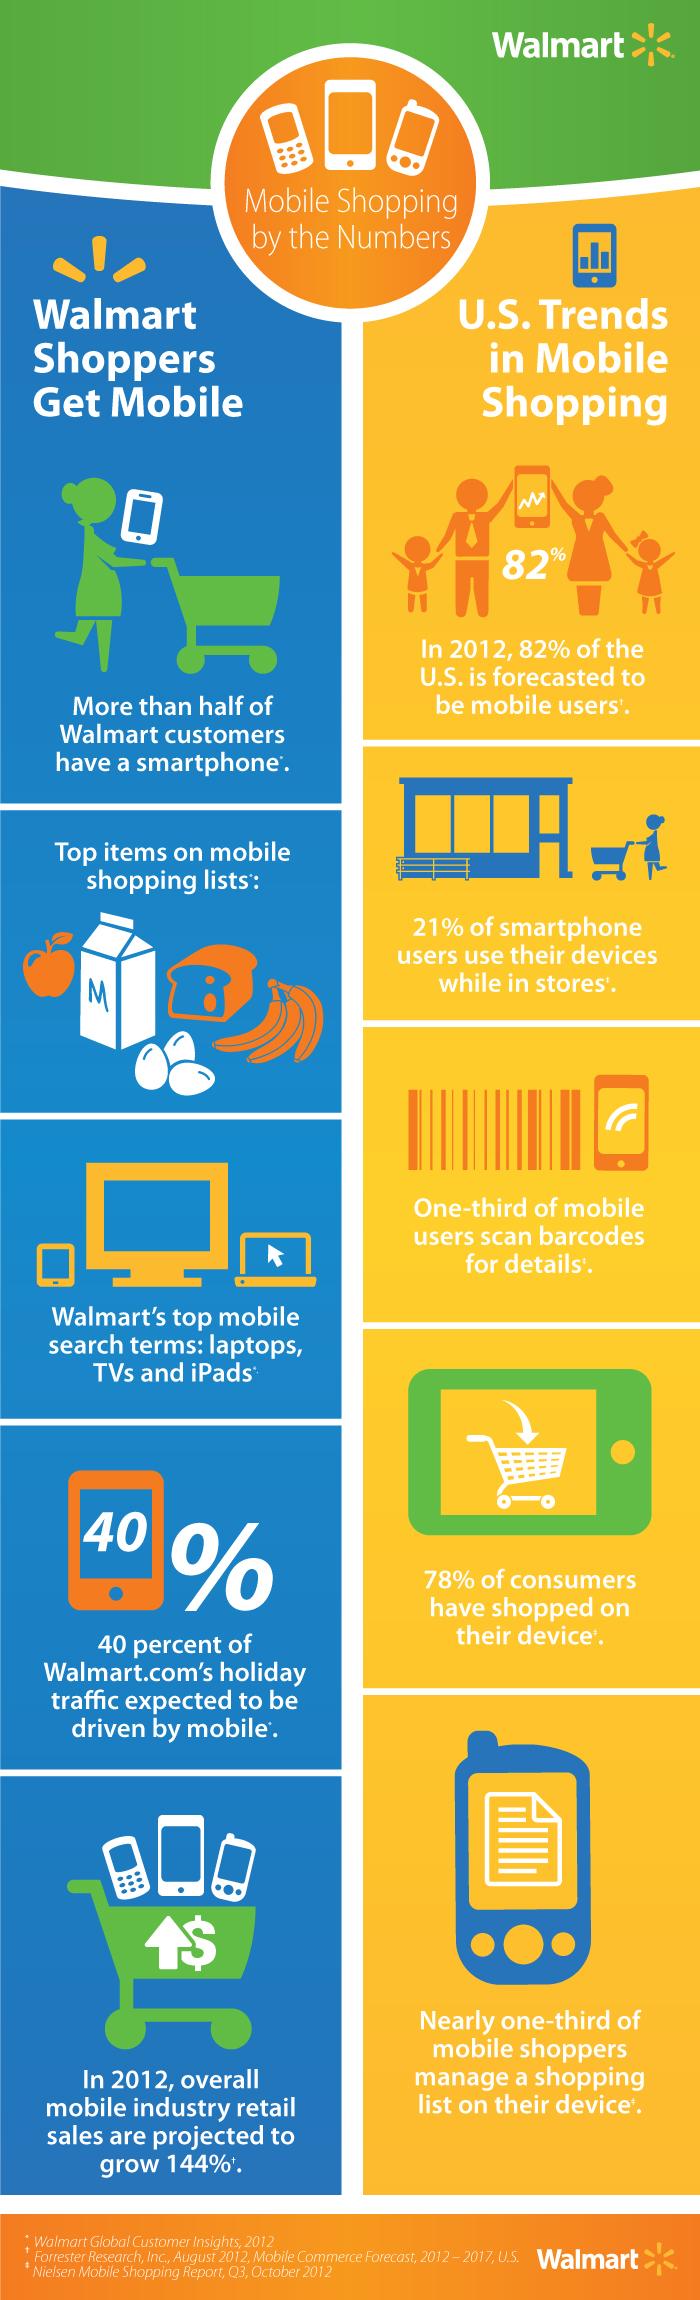 4818-1 WM MobileUse_infographic_v6